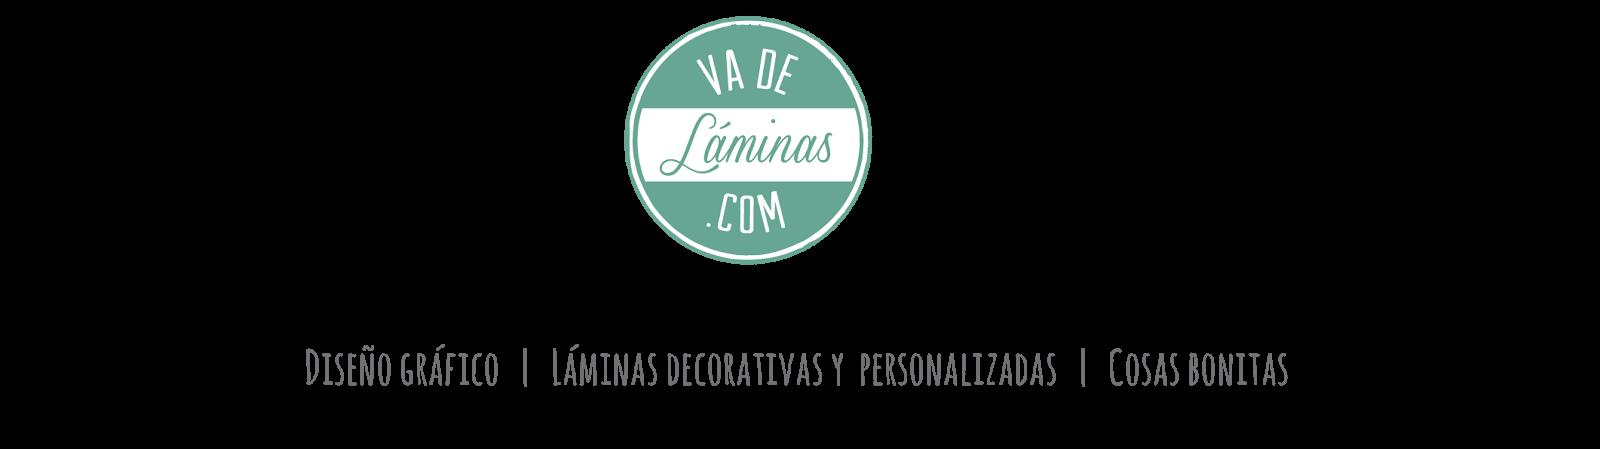 Vadeláminas - Diseño gráfico y láminas decorativas